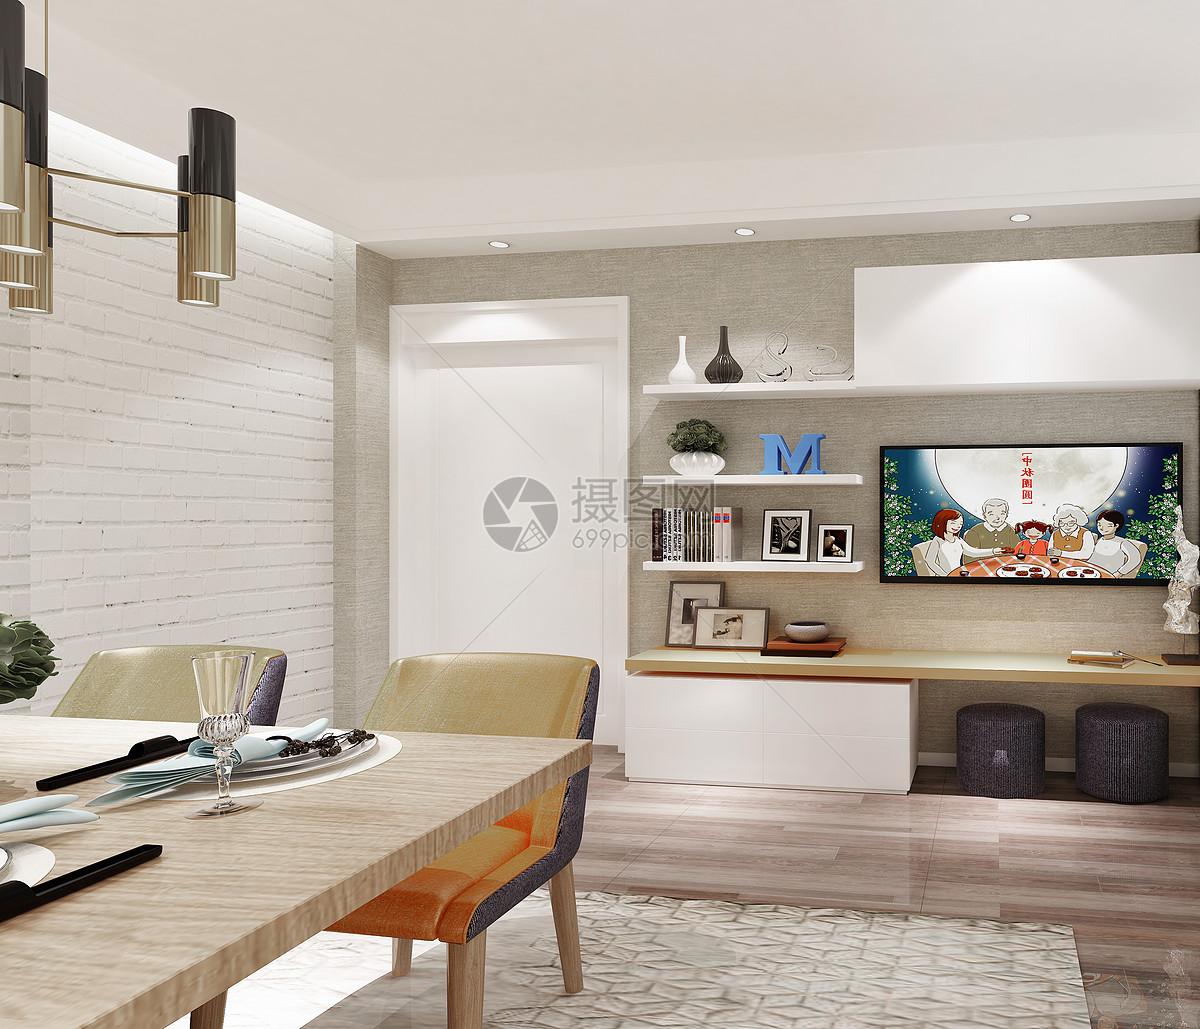 花瓣 举报 标签: 主卧室吊顶复古餐厅室内效果图家装床品组合餐厅欧式